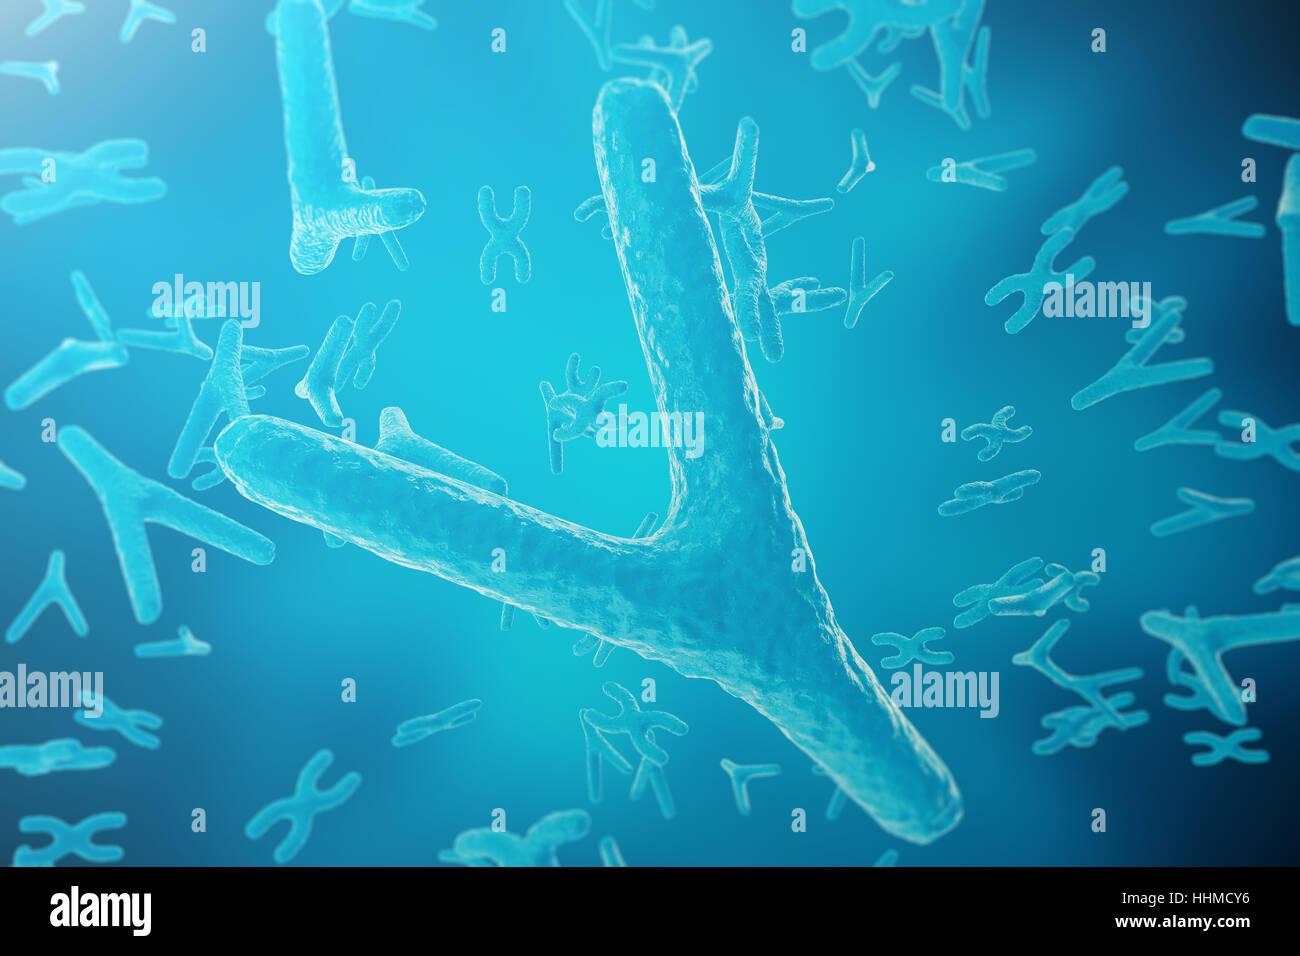 La scienza lo sfondo con cromosomi. Medicina concetto scientifico. Il rendering 3D Immagini Stock